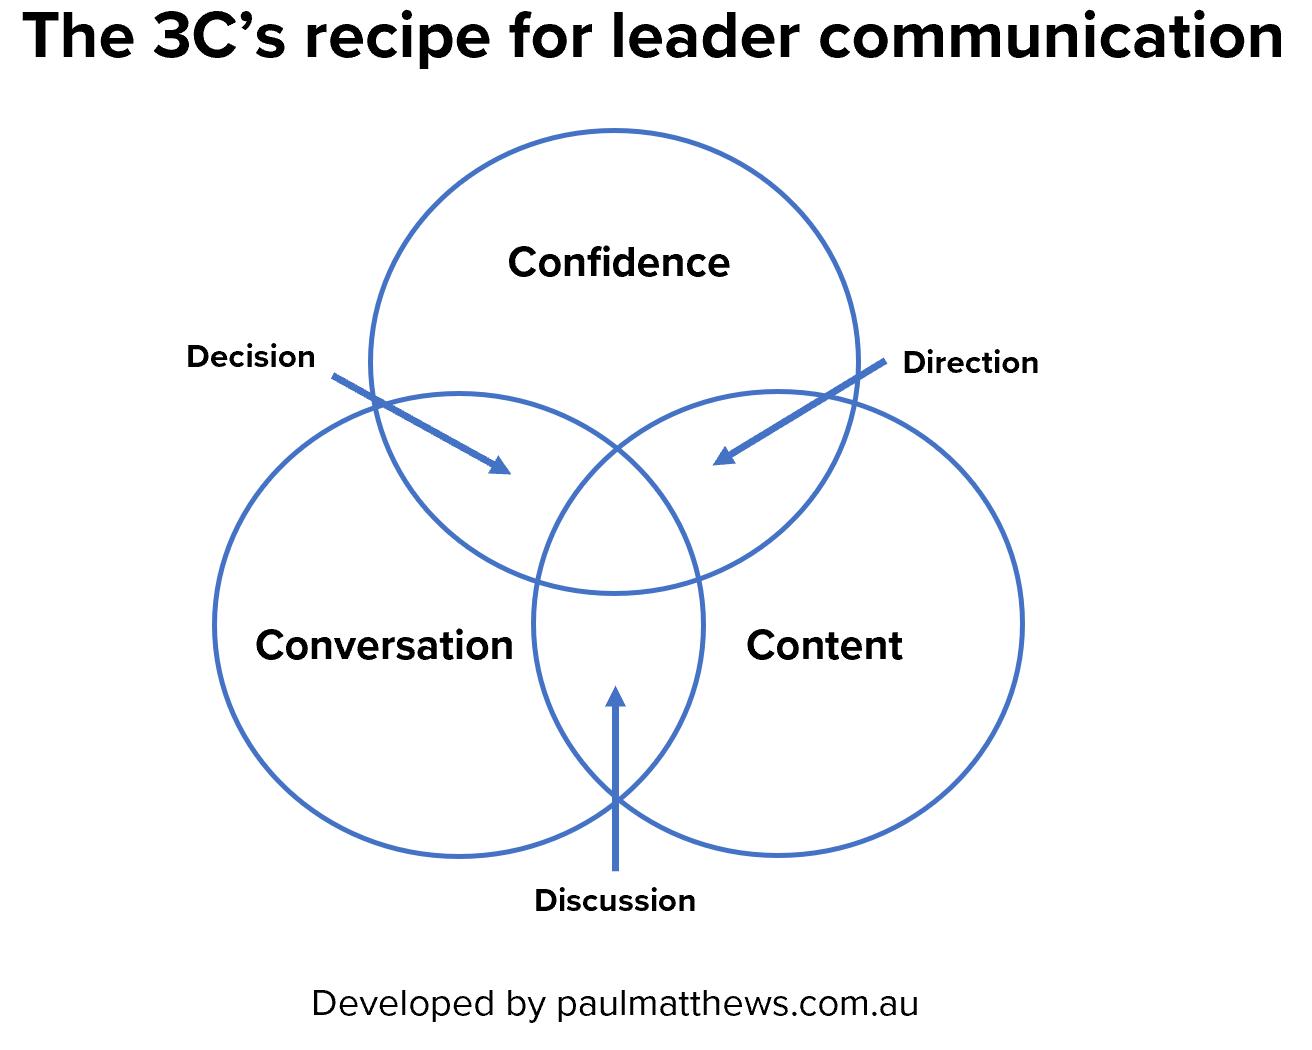 3Cs recipe visual.PNG